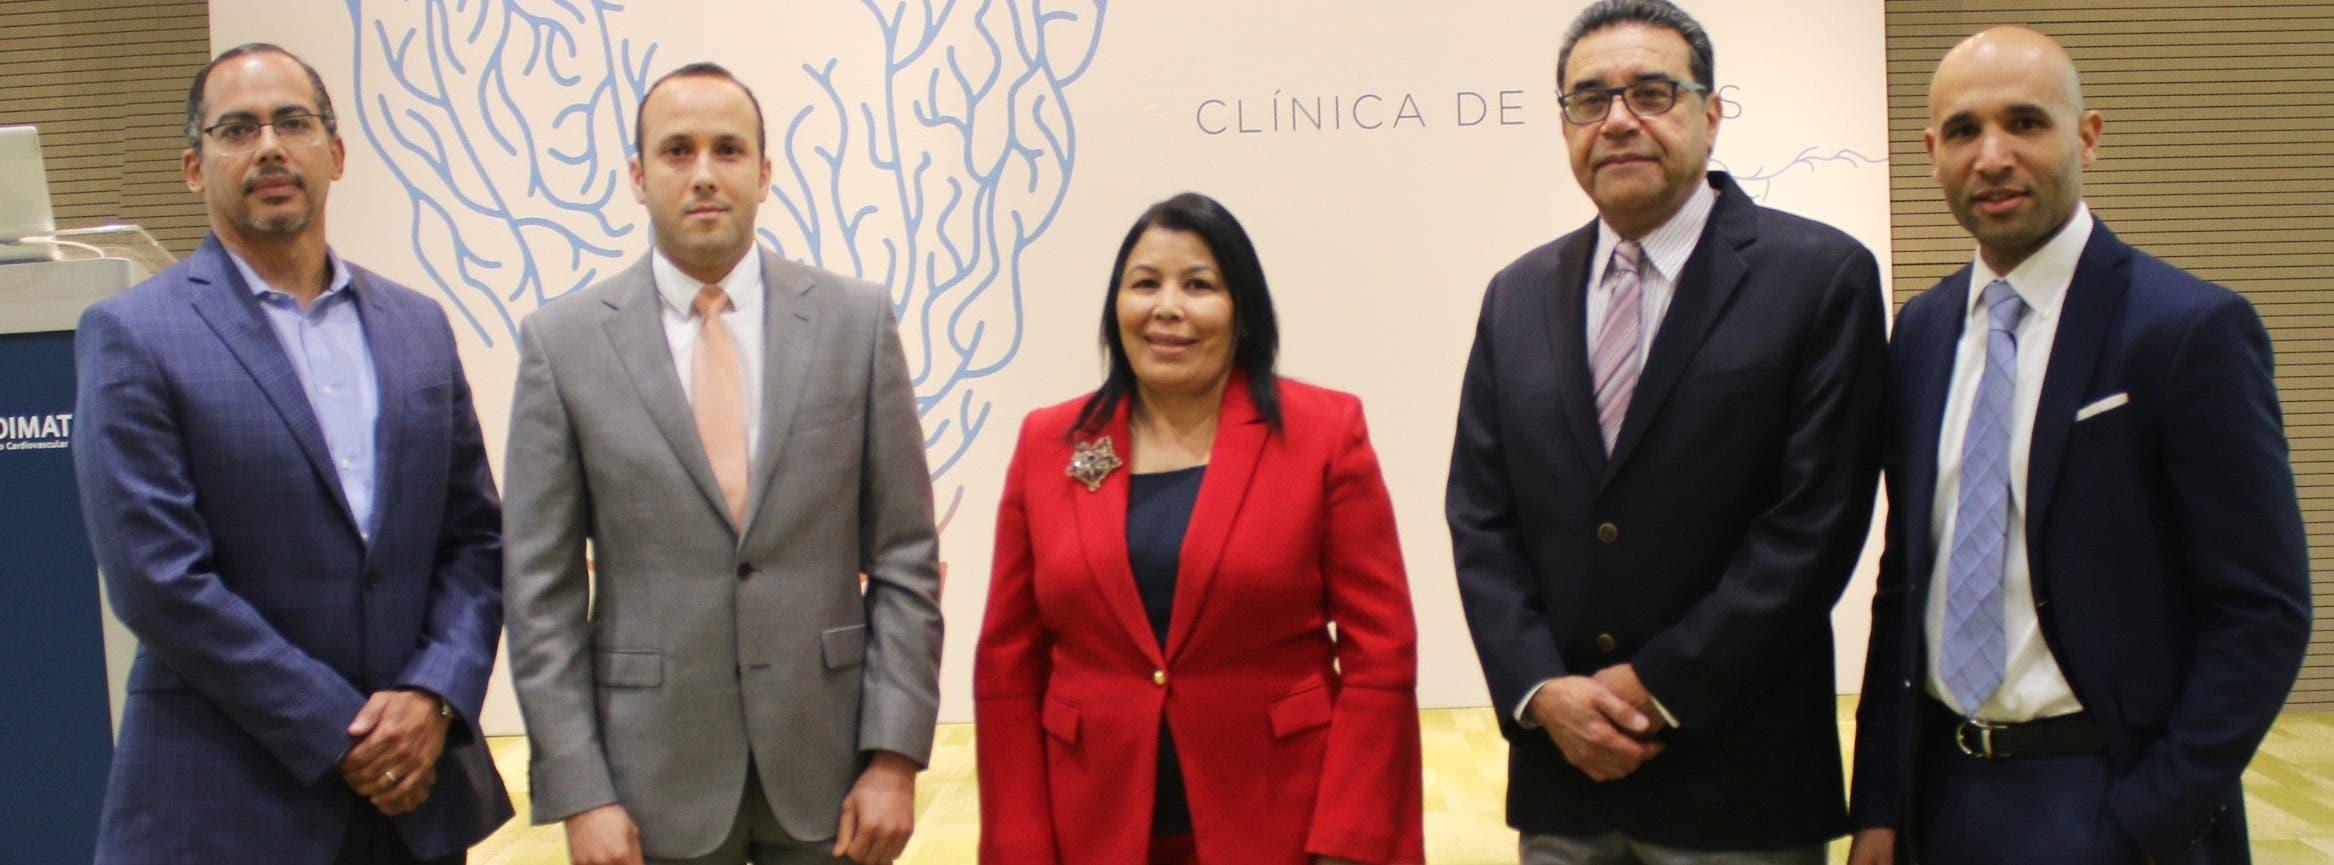 Fabricio González, Francisco de la Cruz, Milagros Ureña,  César Herrera e Isidoro Vargas.